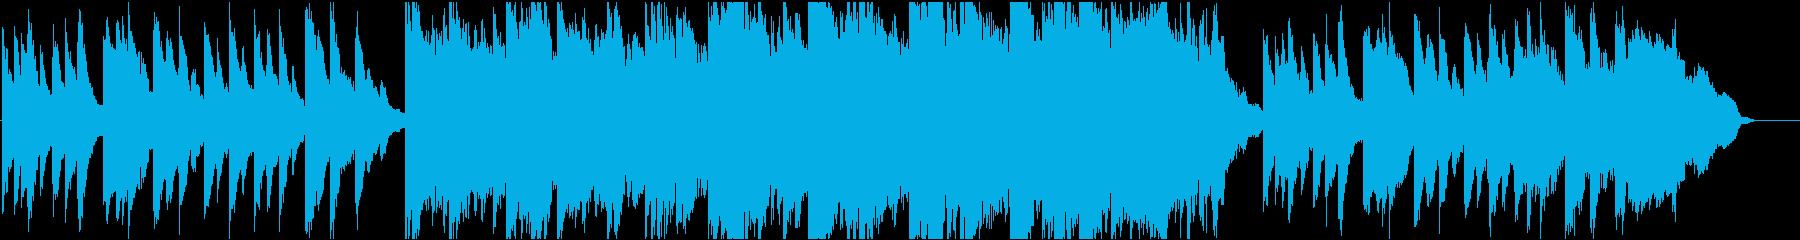 ドラマ4 16bit44kHzVerの再生済みの波形